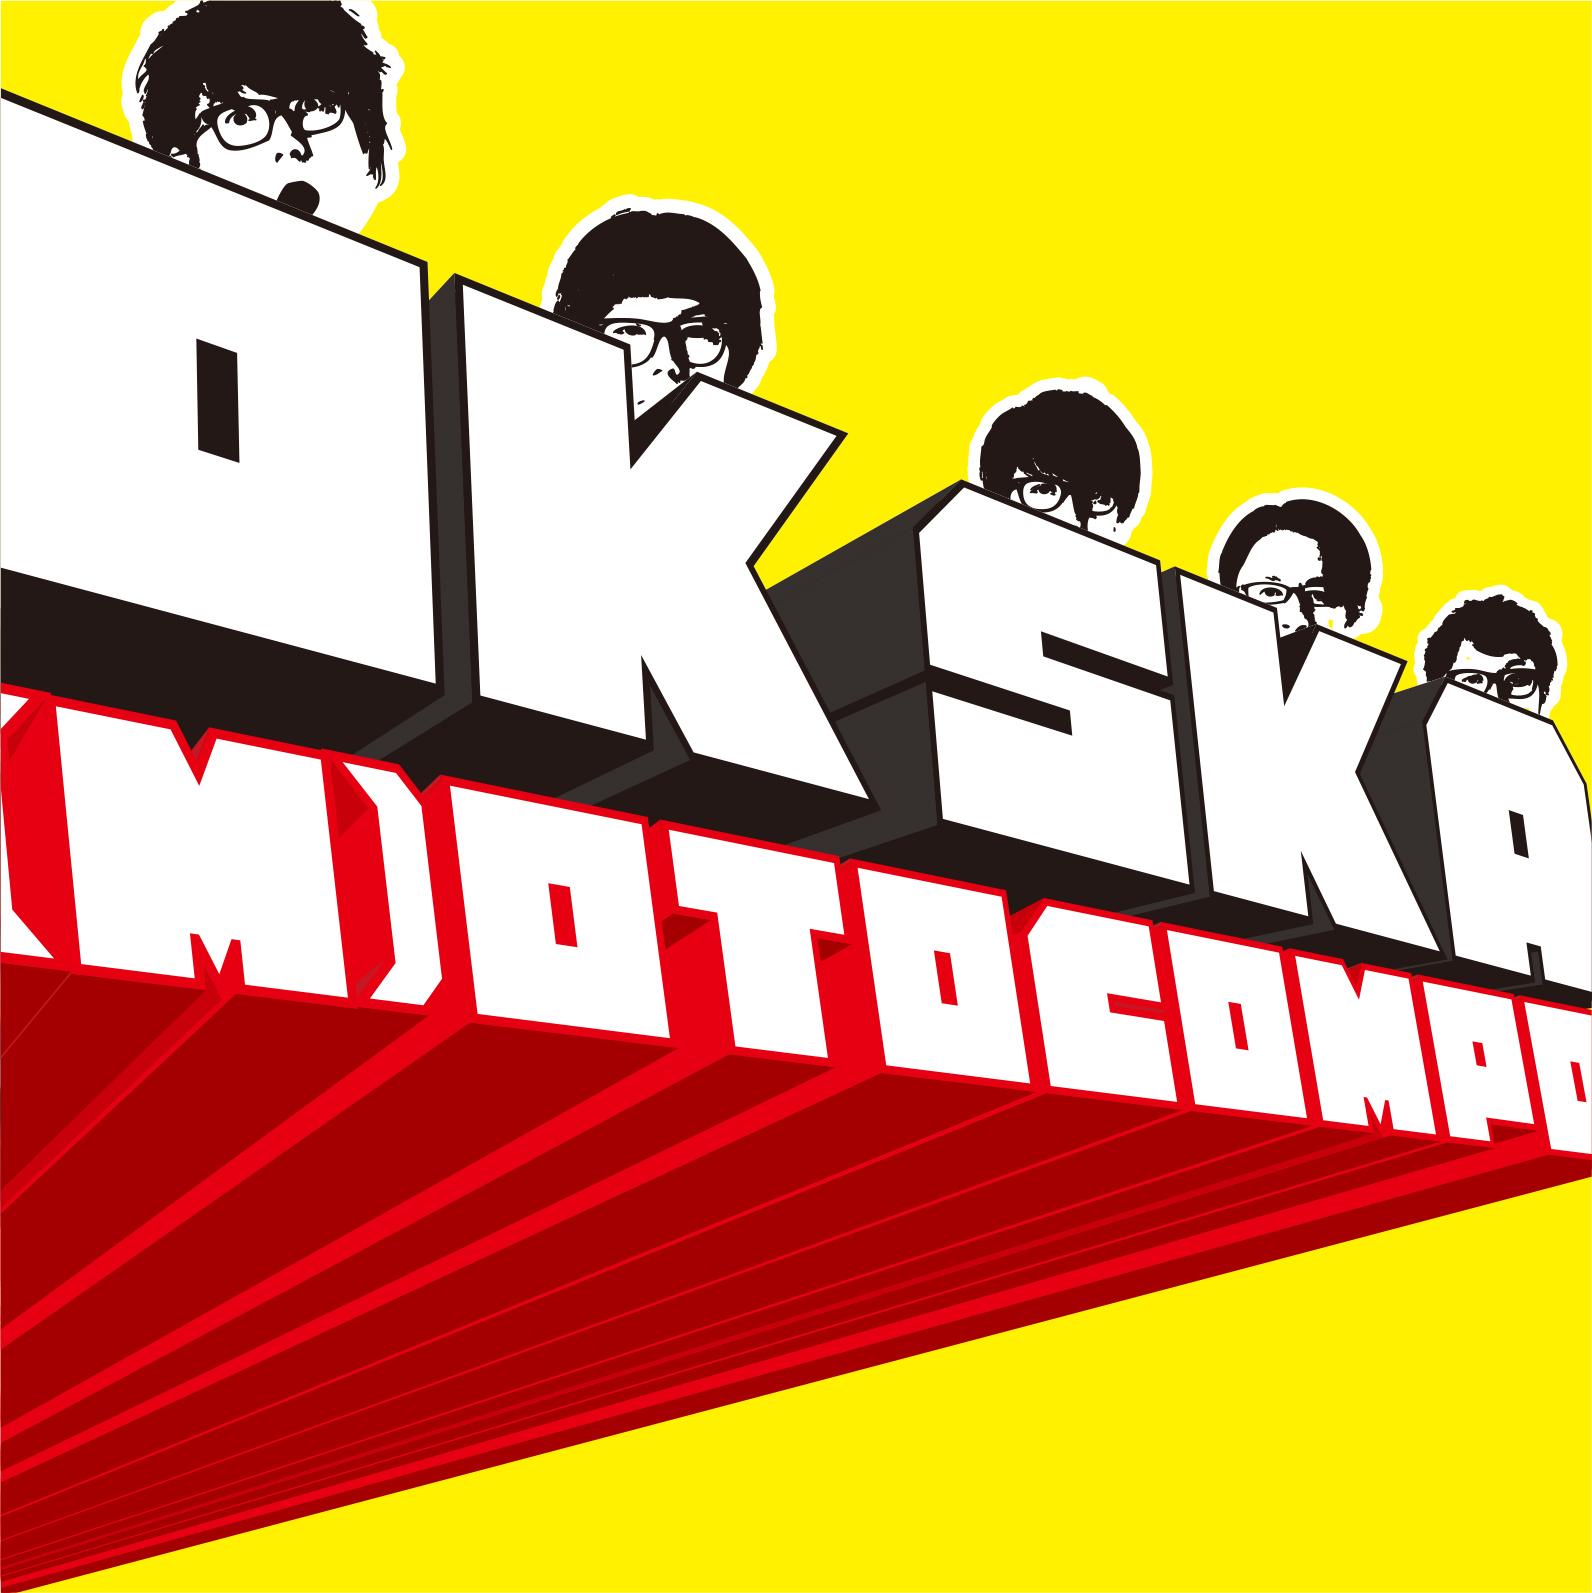 OKSKA_JKTIMG.jpg